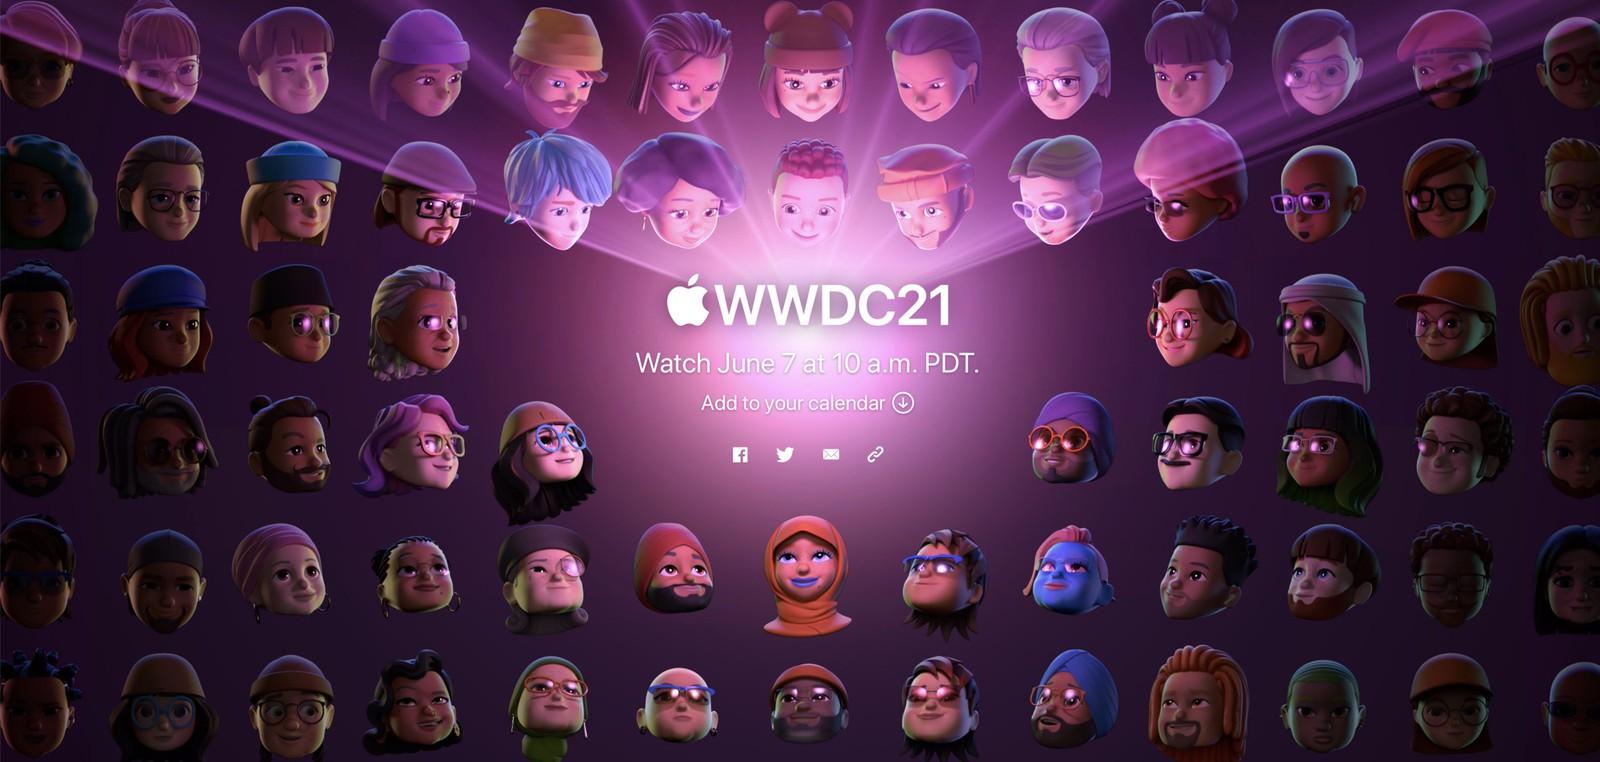 Cách xem trực tiếp sự kiện WWDC21 của Apple 6